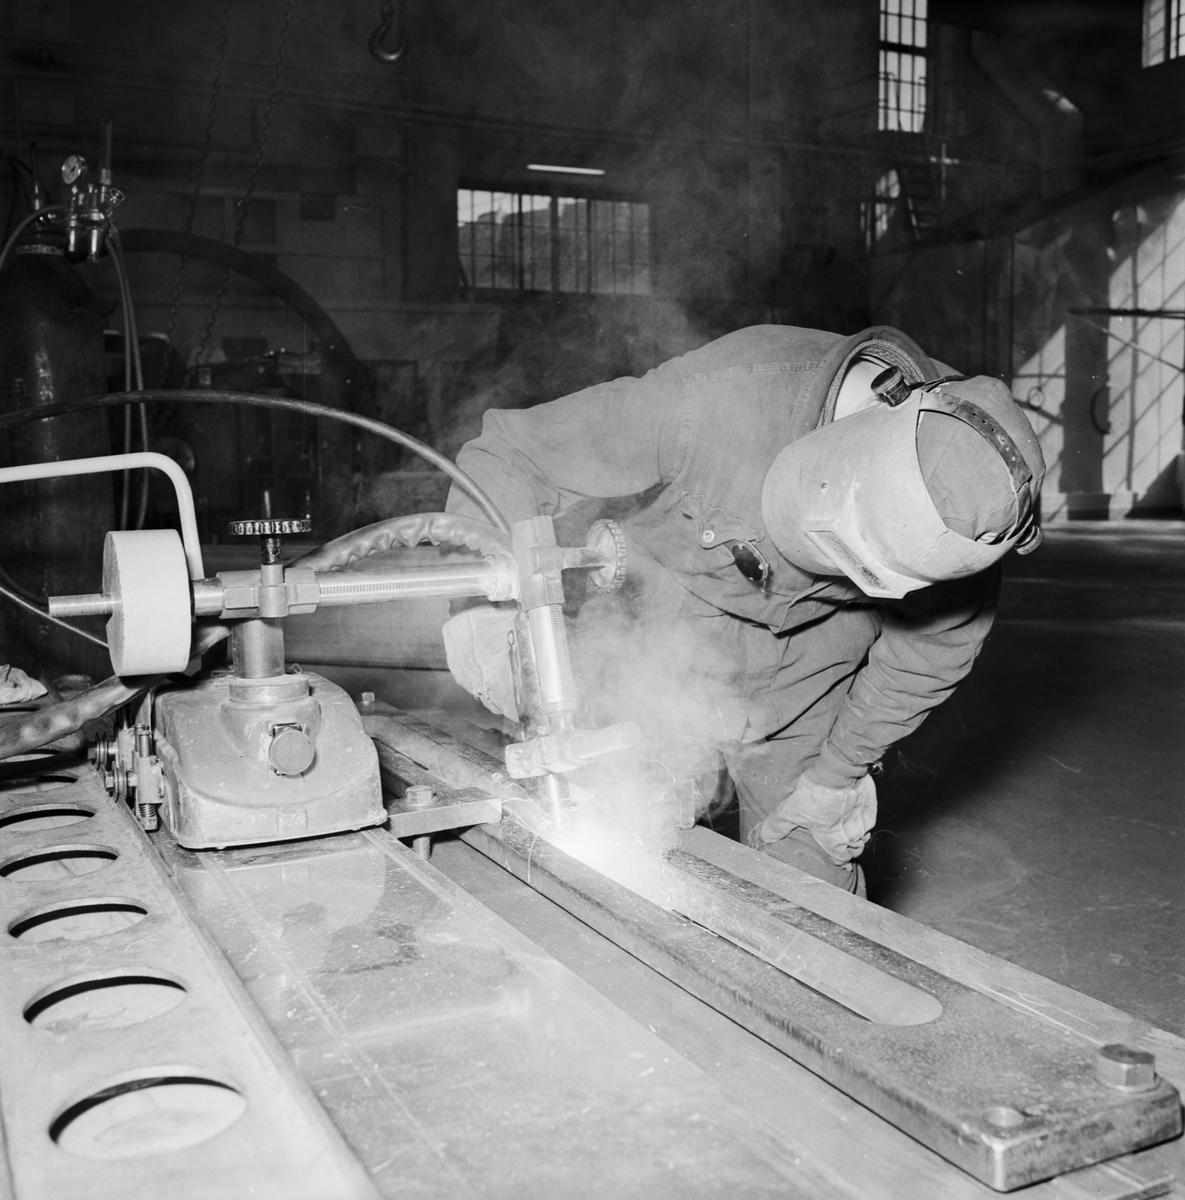 Övrigt: Foto datum: 16/3 1964 Verkstäder och personal. Bilder till reklambroschyr (Myllenberg) svetsning, dykare i arbete plåtpressen. Närmast identisk bild: V28530 och V28531, ej skannade